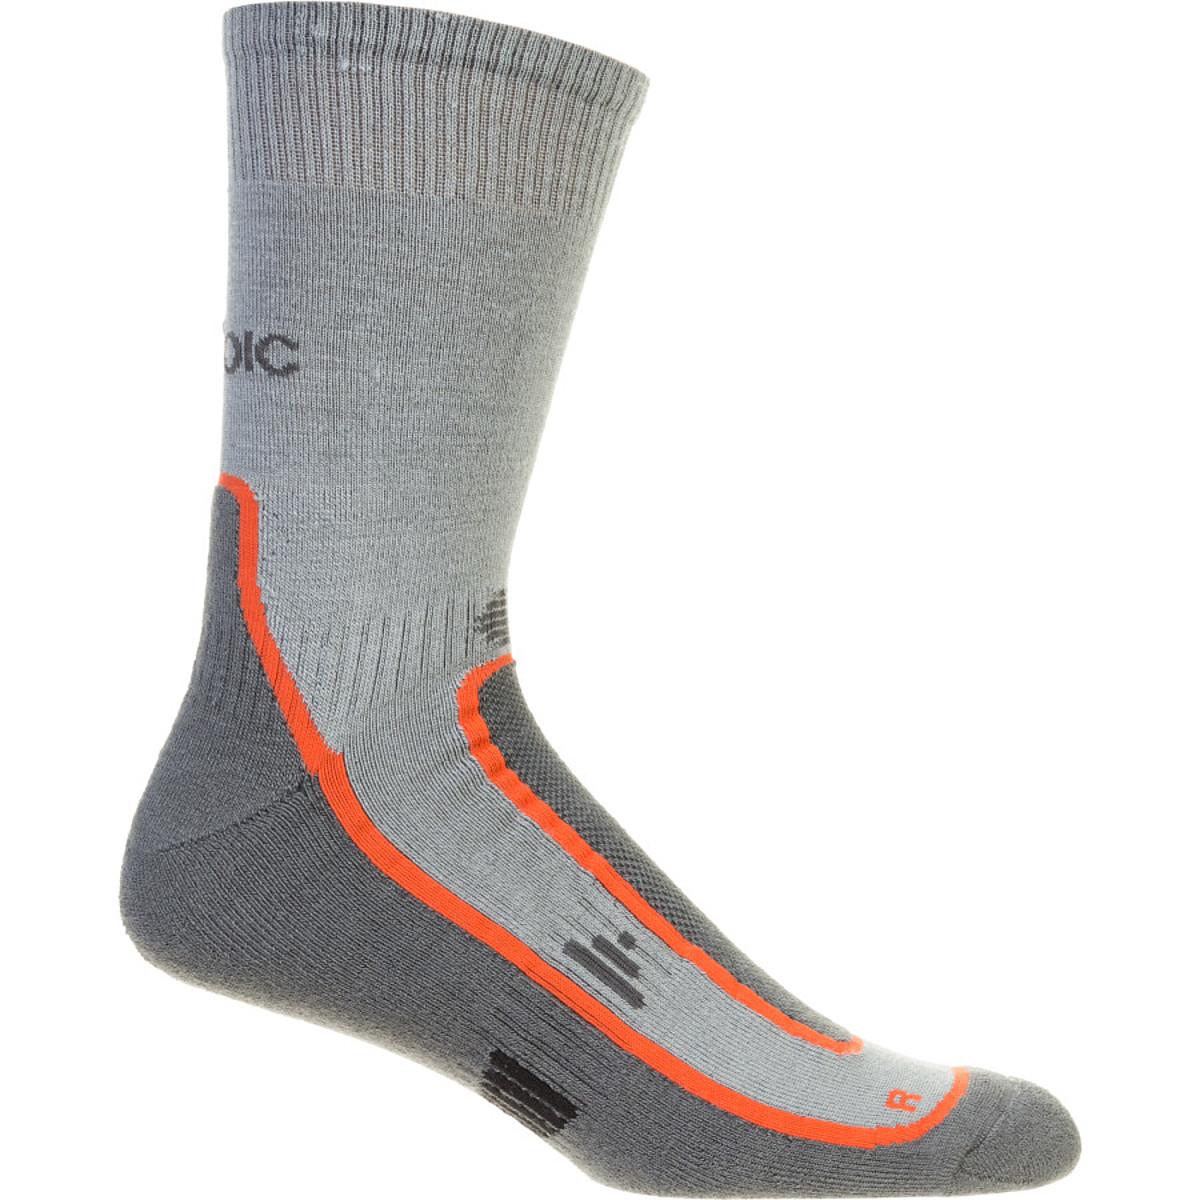 Stoic Merino Comp Hiking Sock